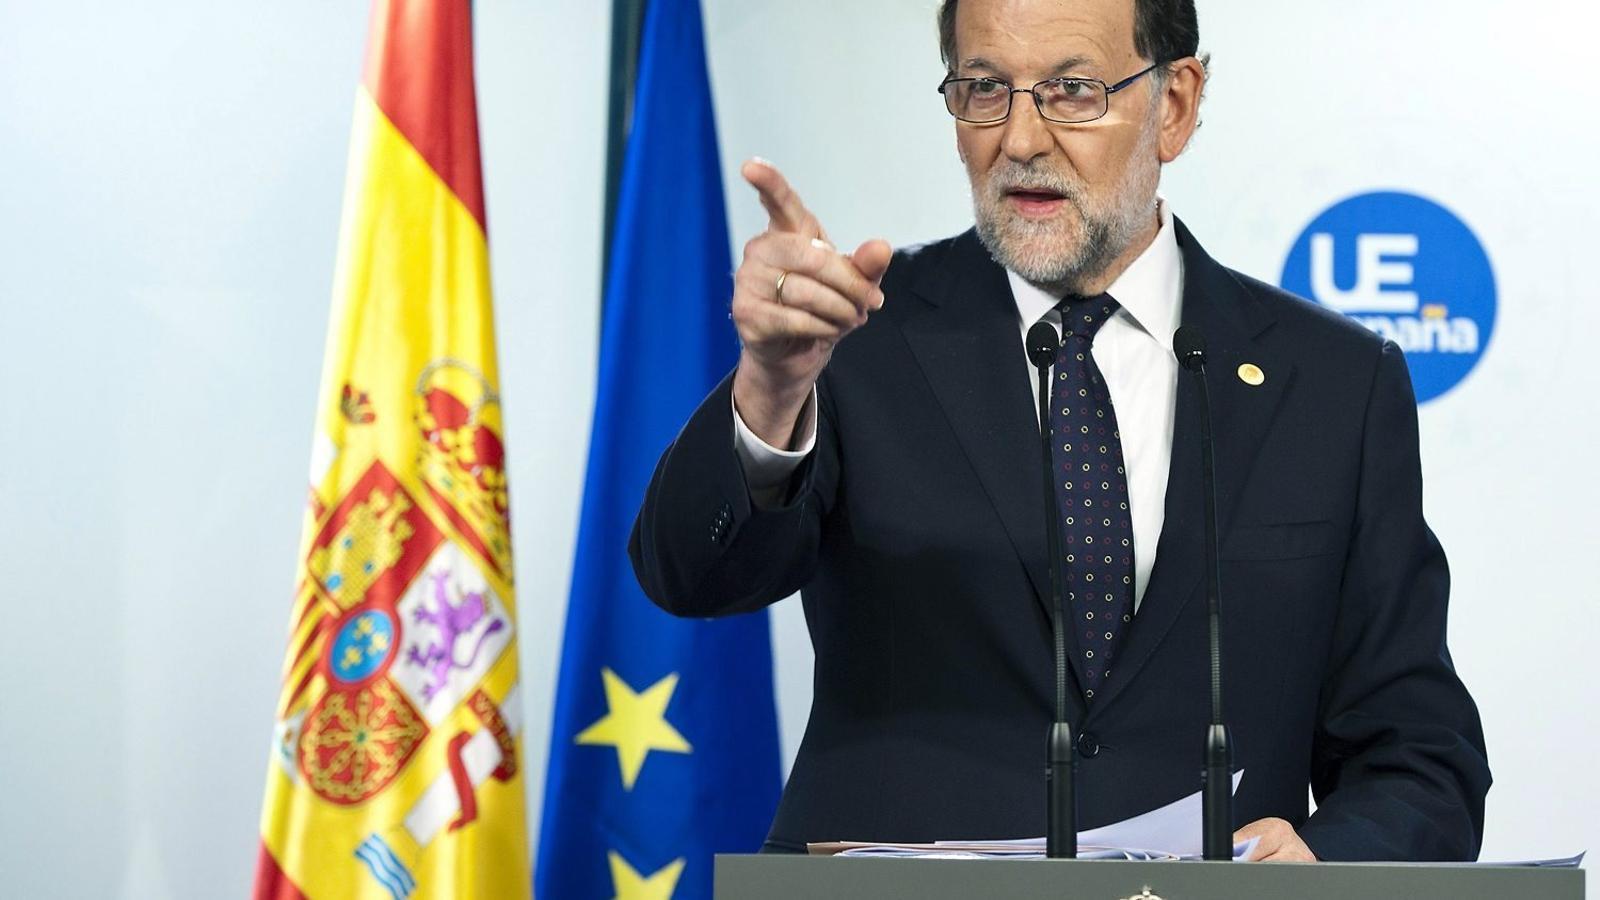 El president en funcions, Mariano Rajoy, ahir després de la reunió del Consell Europeu.